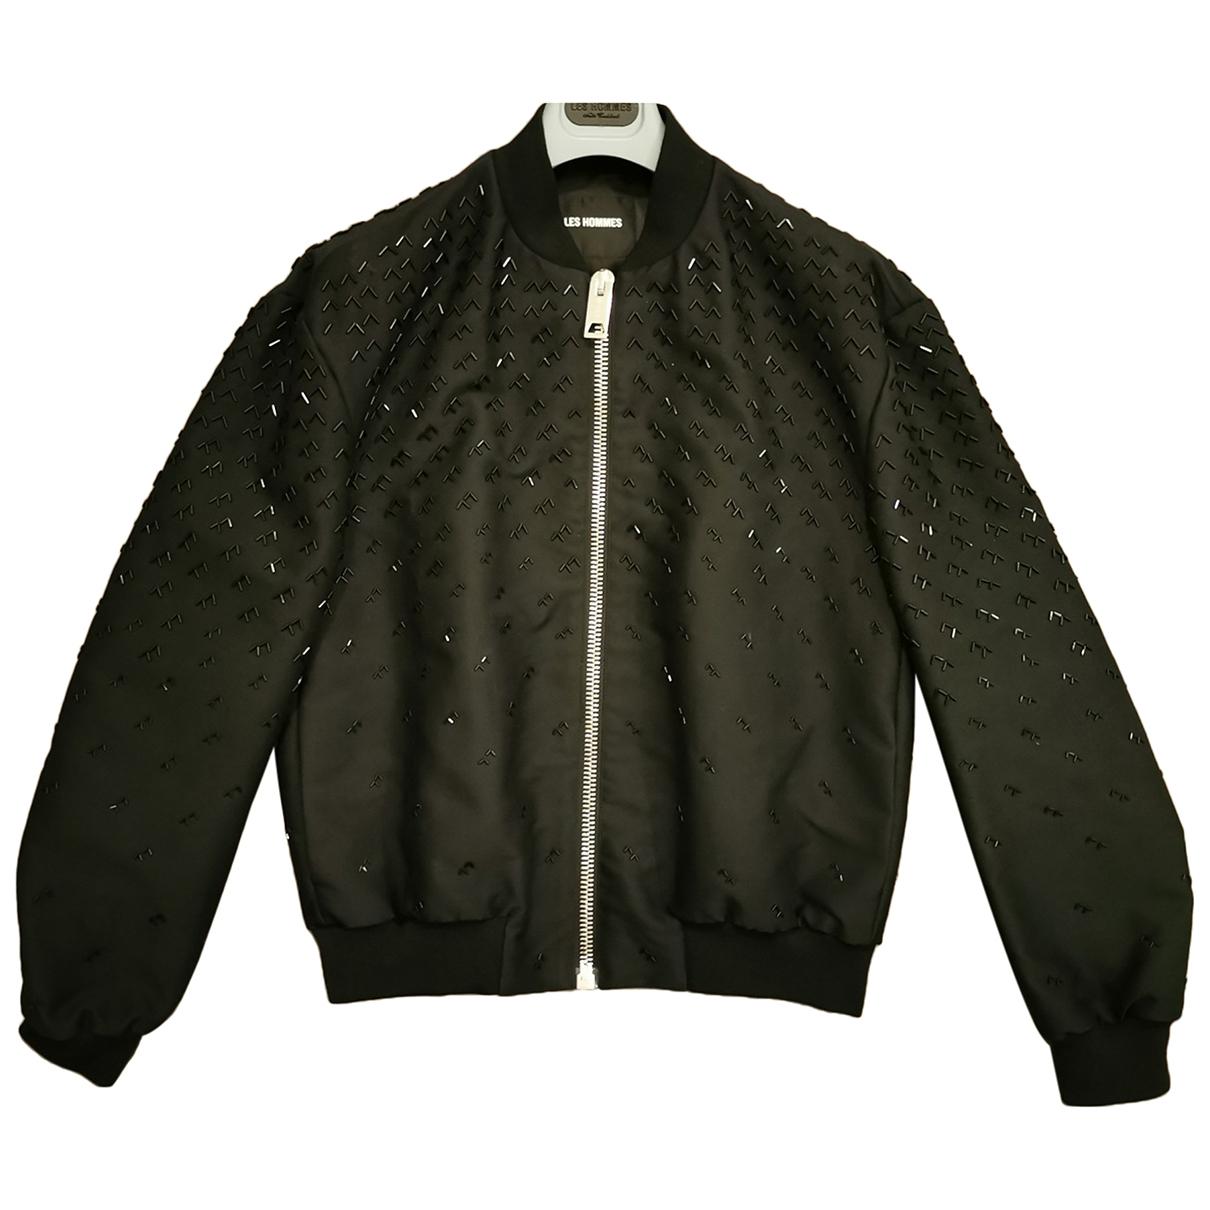 Les Hommes \N Black Cotton jacket  for Men M International